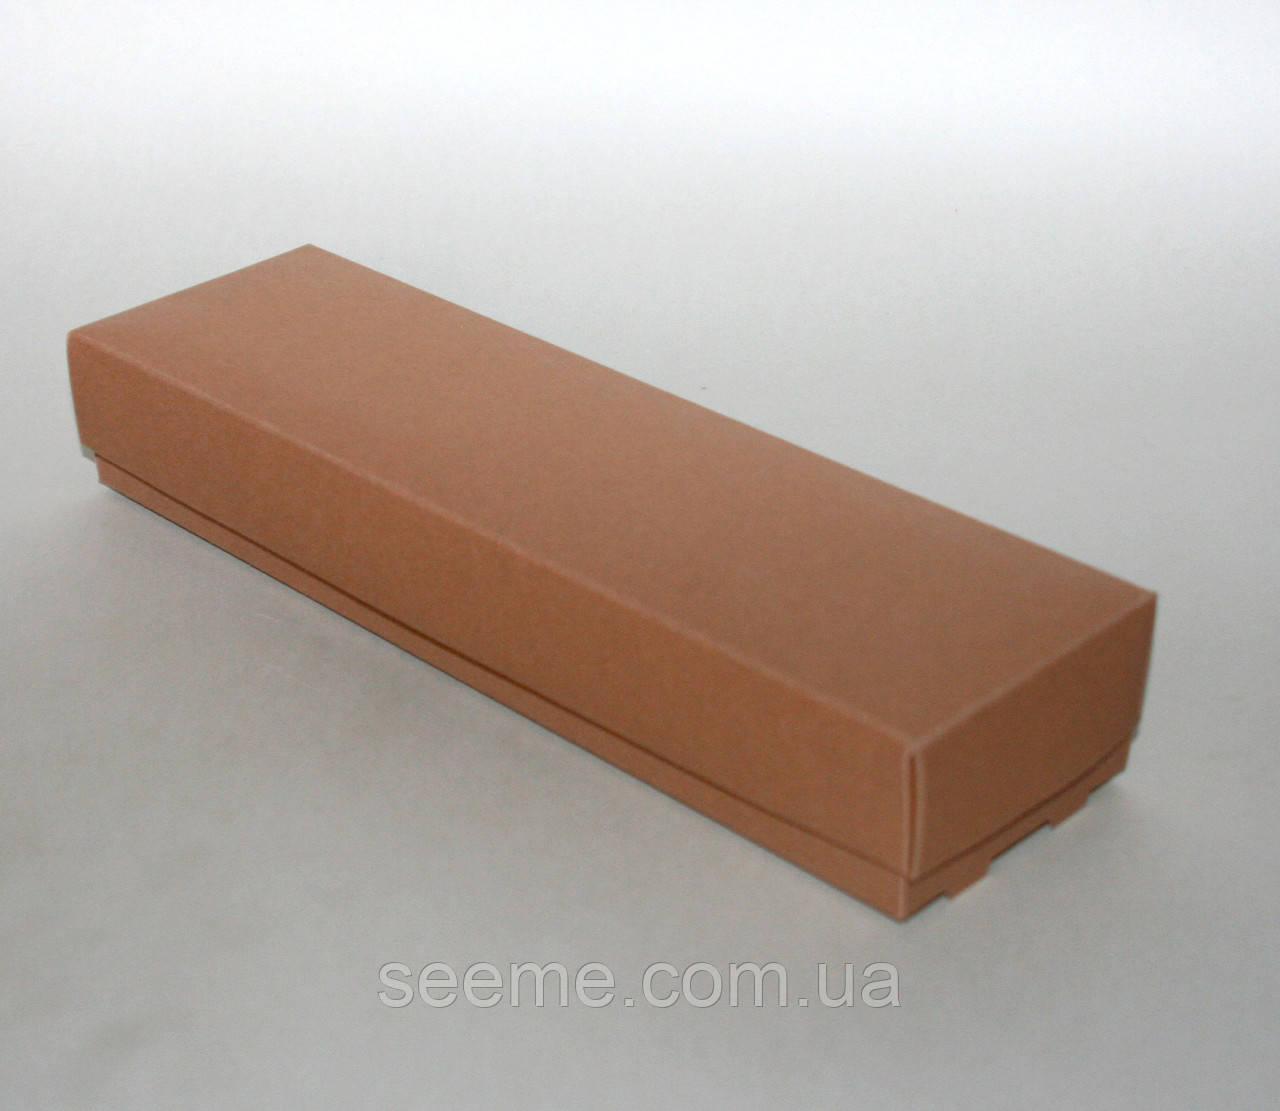 Коробка 260x70x40 мм.